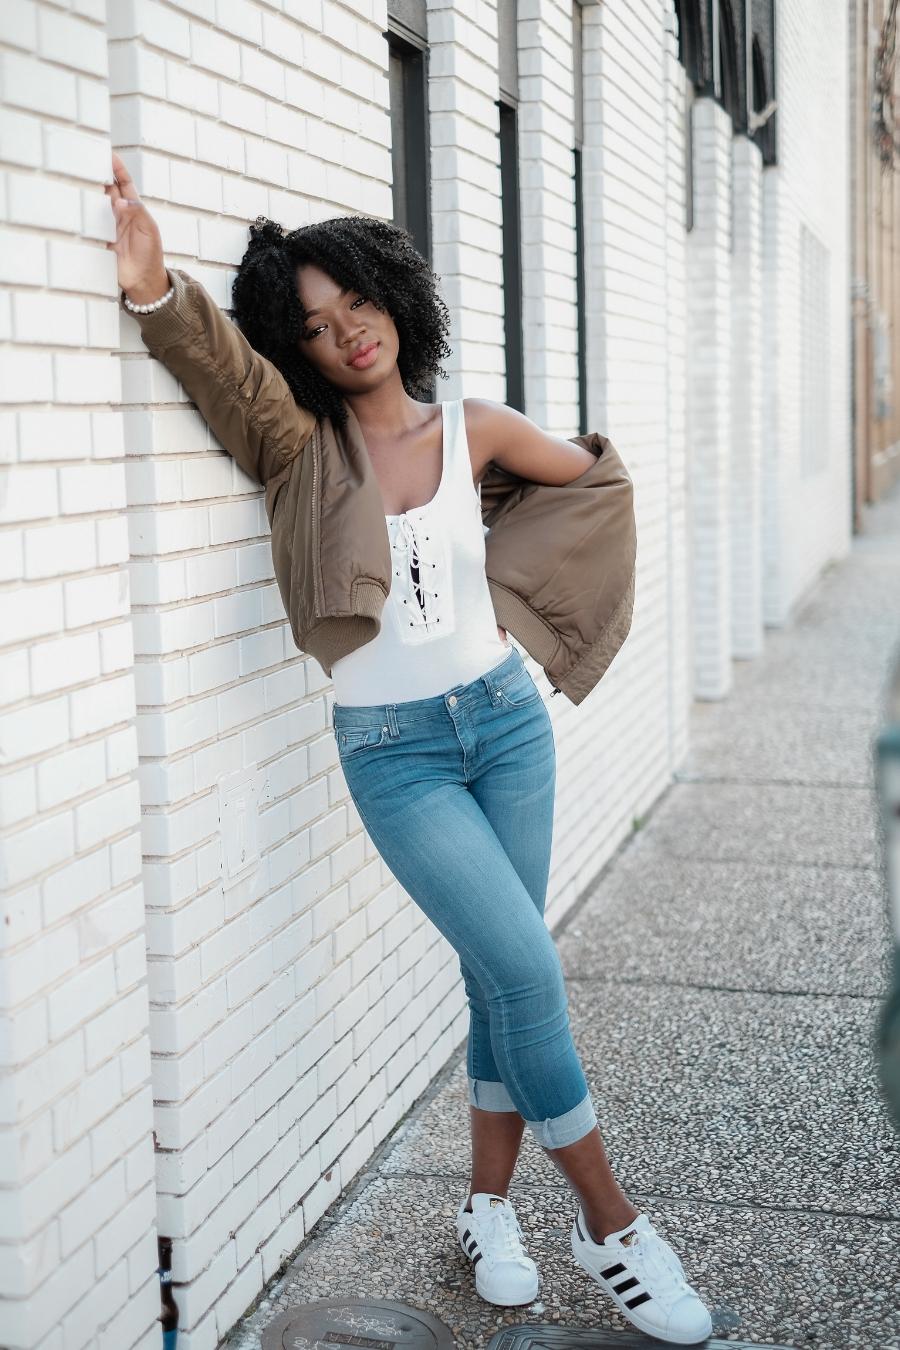 smiling black girl-white top-adidas women-posed